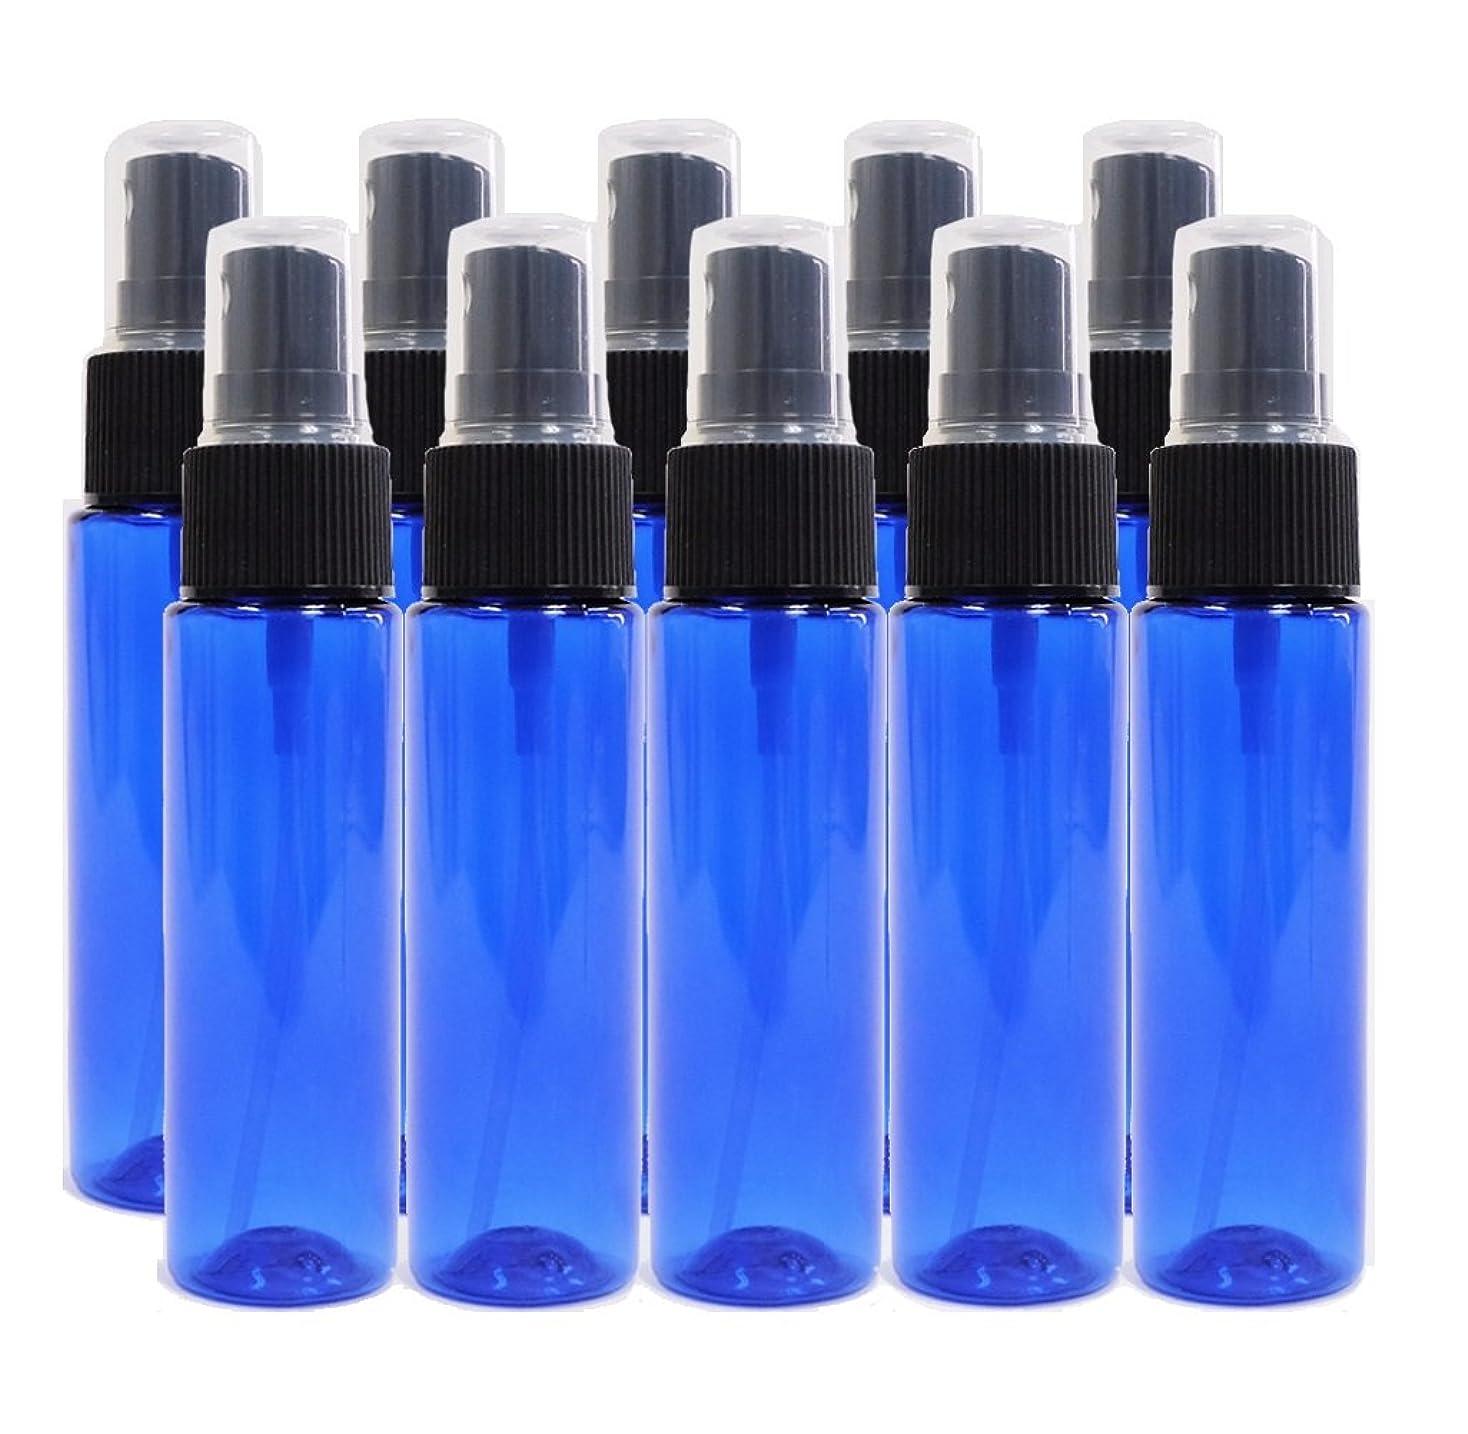 振る究極の化学薬品ease 保存容器 スプレータイプ プラスチック 青色 30ml×10本